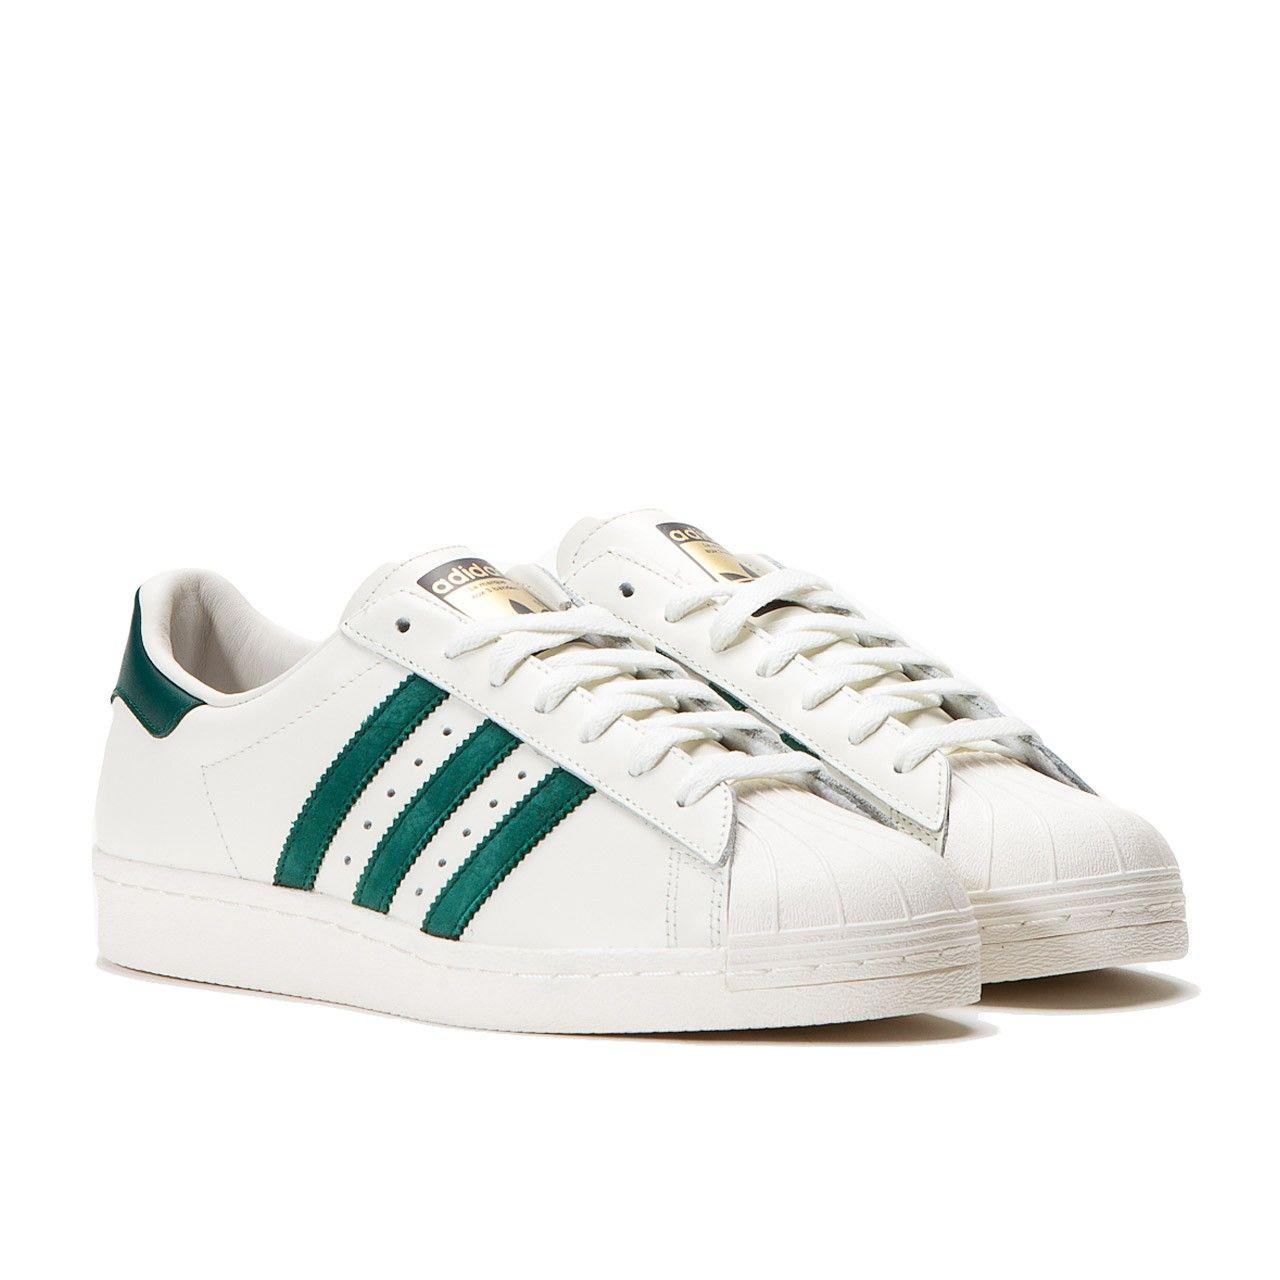 official photos 5b45b 19088 ... 1000+ ideias sobre Adidas Superstar Weiß Grün no Pinterest   Moda de  verão ousada, ...